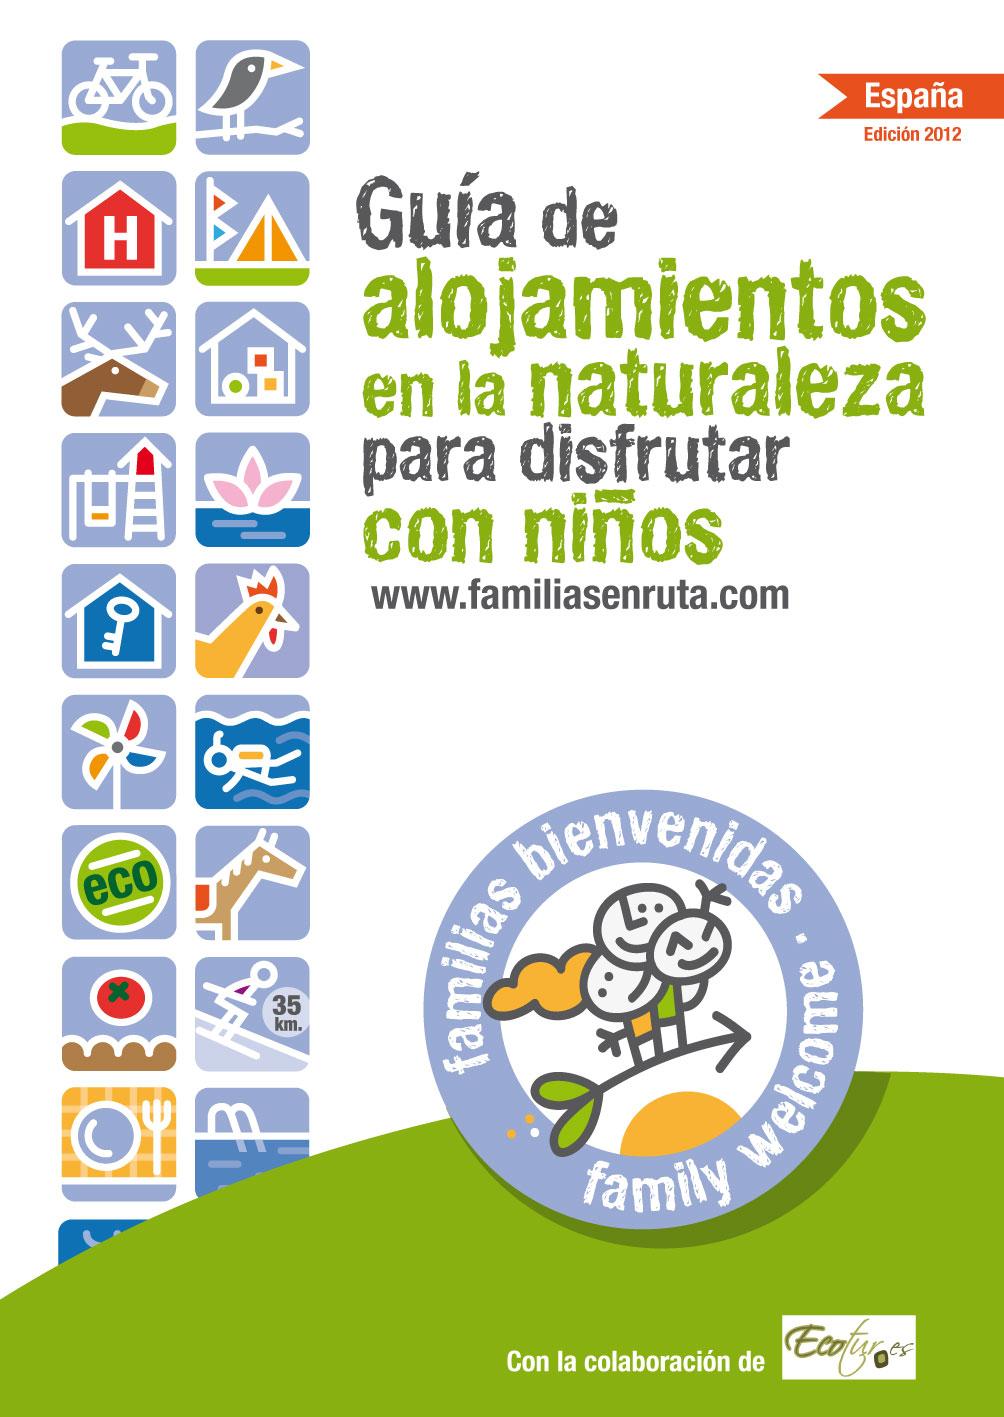 Gu a de alojamientos en la naturaleza para disfrutar con for Alojamiento zaragoza con ninos